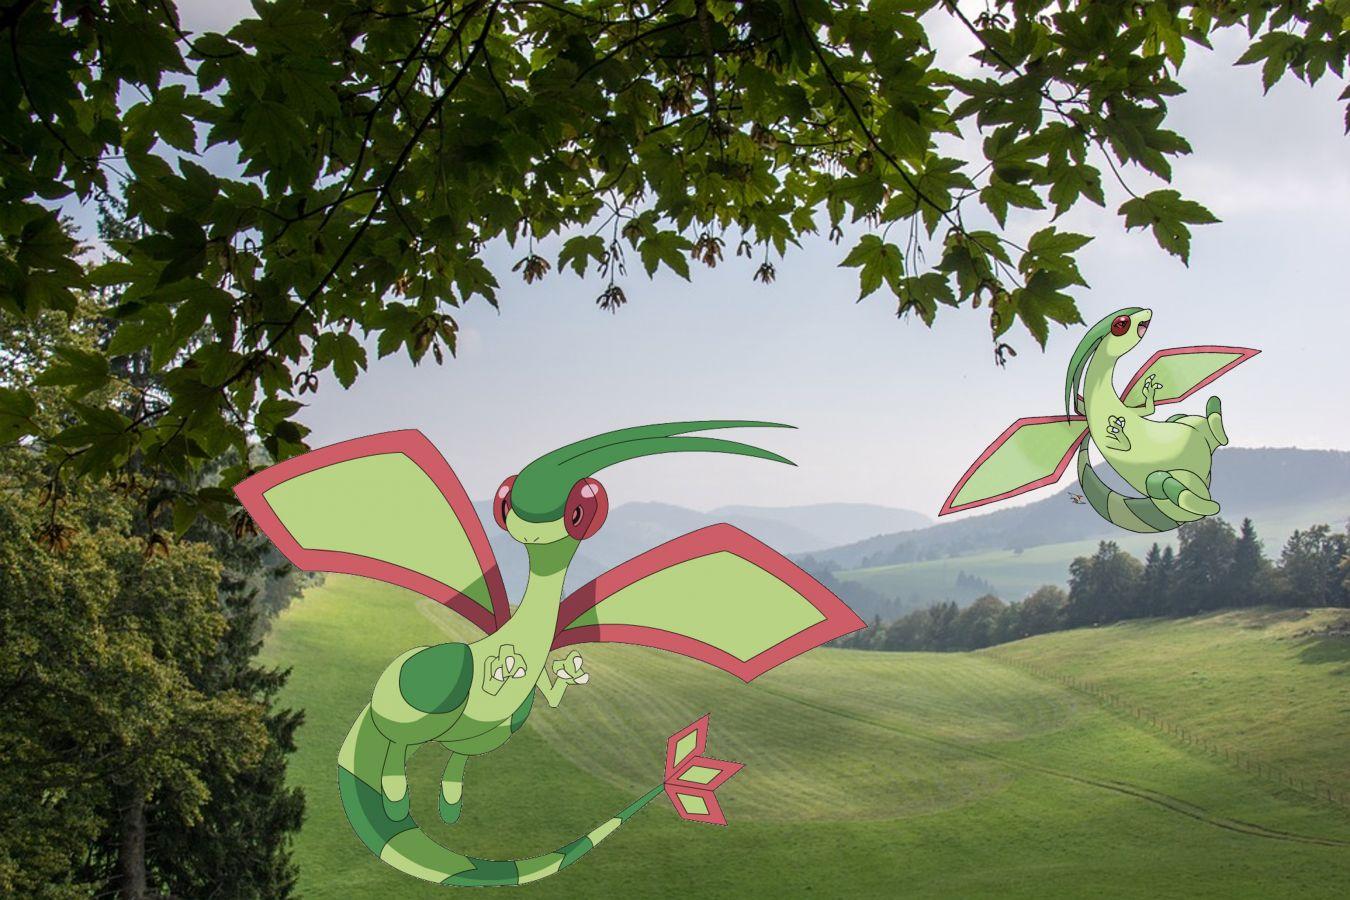 Der beliebte Drache schneidet zwar gegen andere Drachen relativ schlecht ab, dafür ist er gleich doppelt resistent gegen Elektro-Pokémon. (Quelle: Pixabay/Pokéwiki)